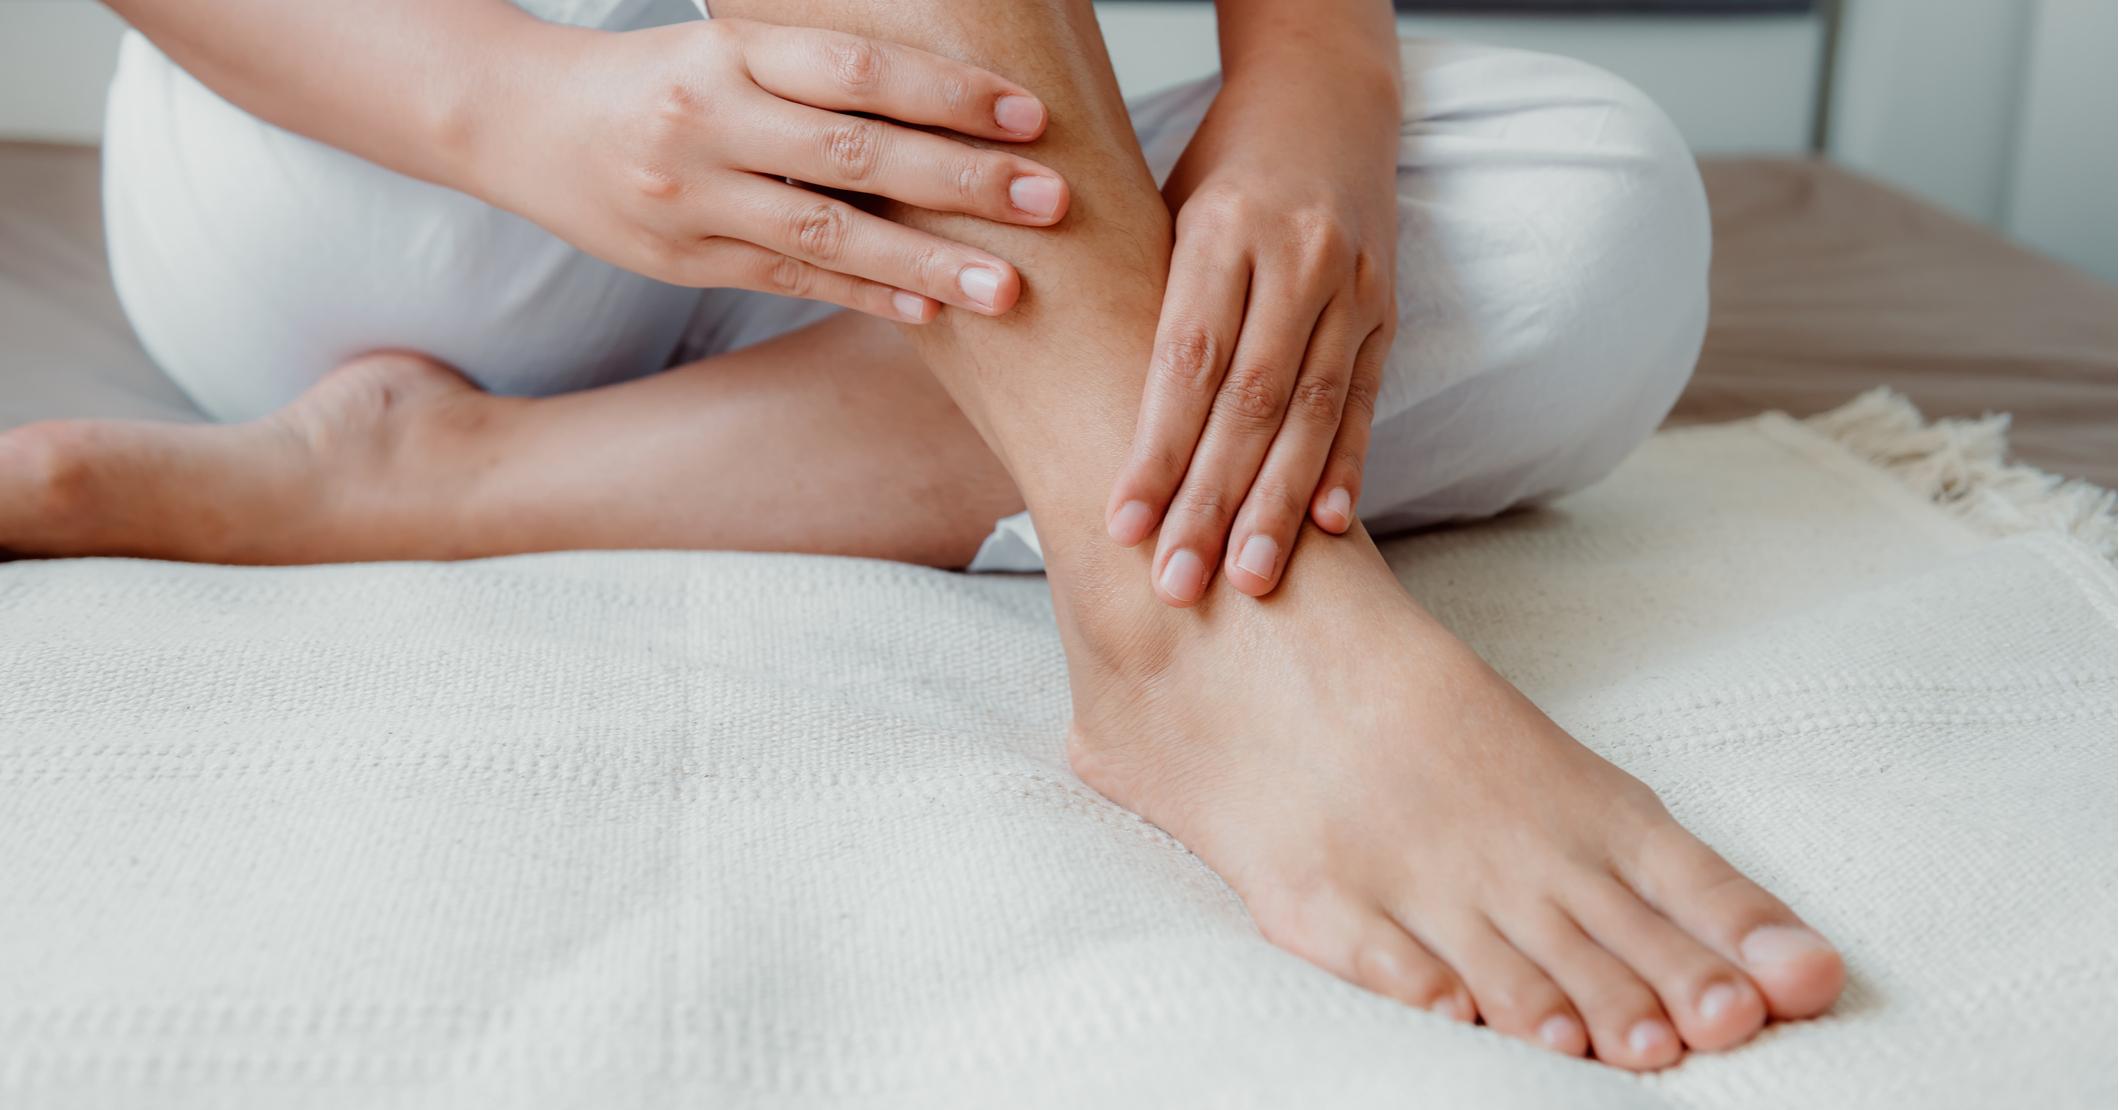 Горят ноги: причины, что делать, лечение, если горят ступни ног